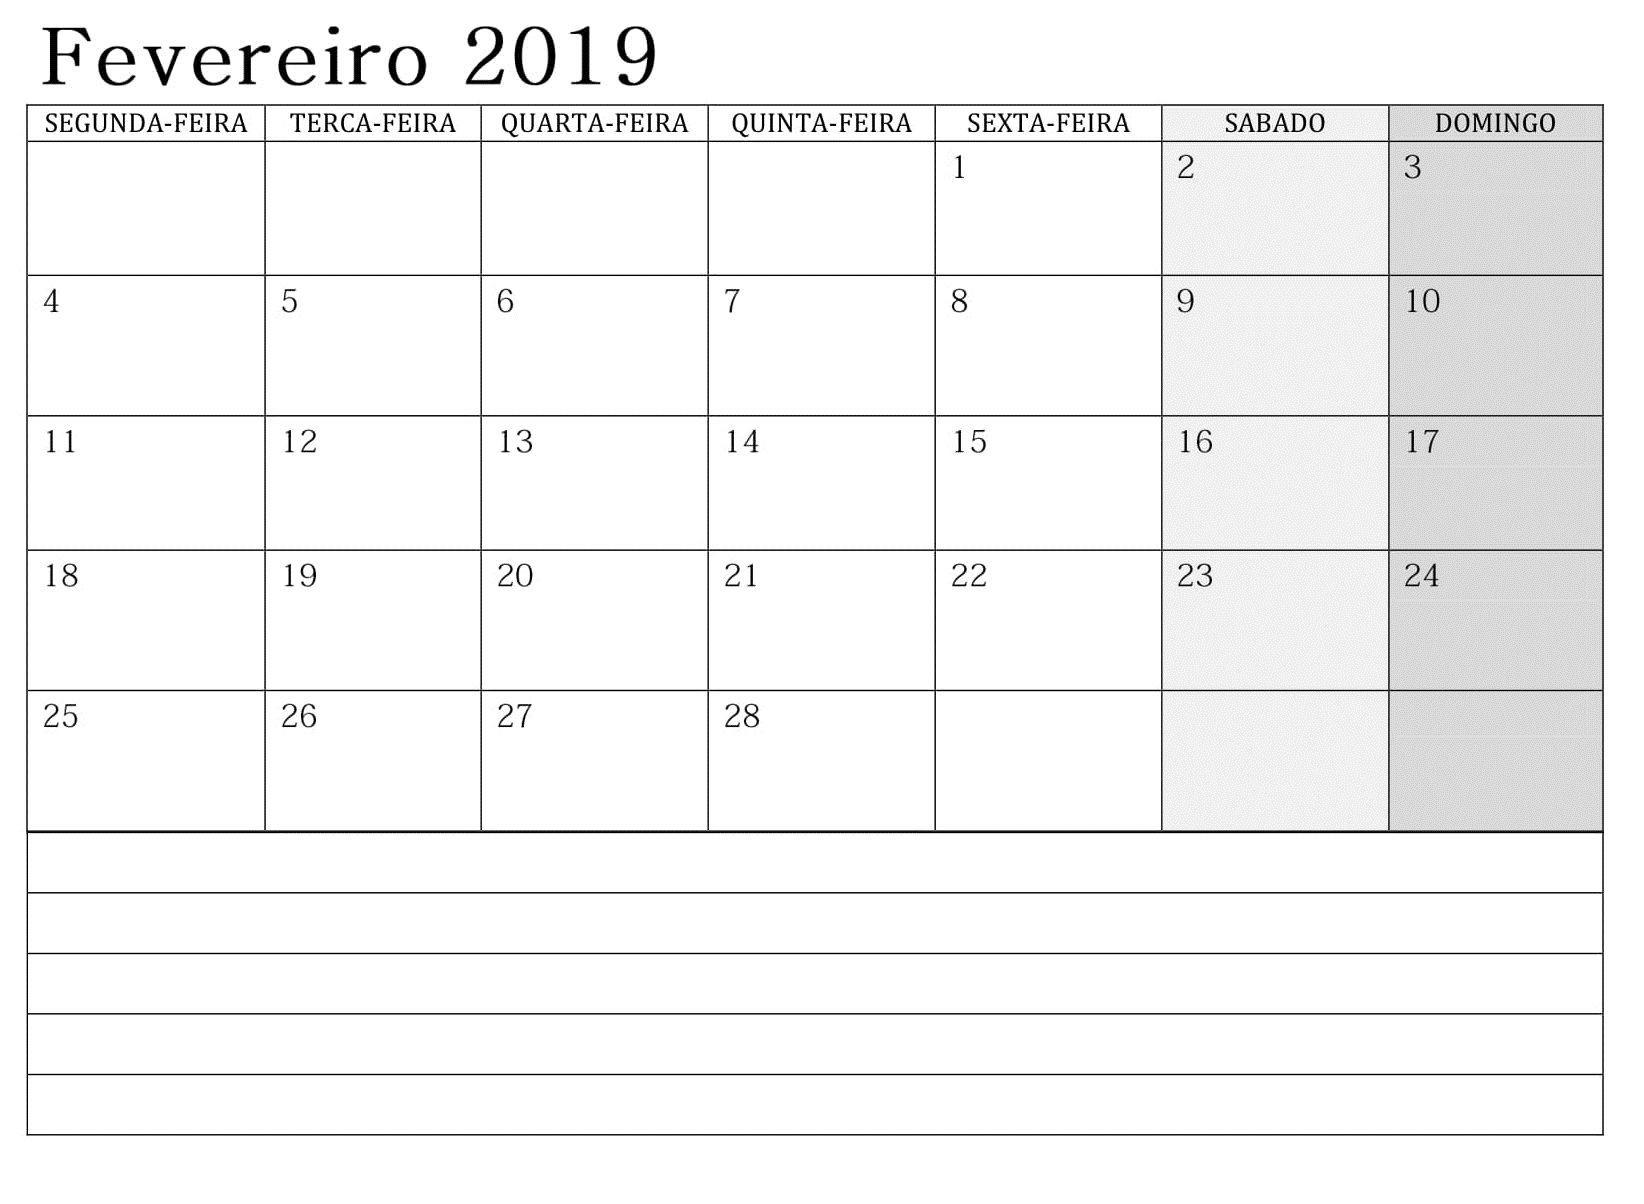 Calendário 2019 Feriados Rio Grande Do Sul Más Recientes Calendrio Fevereiro De 2019 Lindo Para Imprimir Feriados E Of Calendário 2019 Feriados Rio Grande Do Sul Más Arriba-a-fecha Calendário 2002